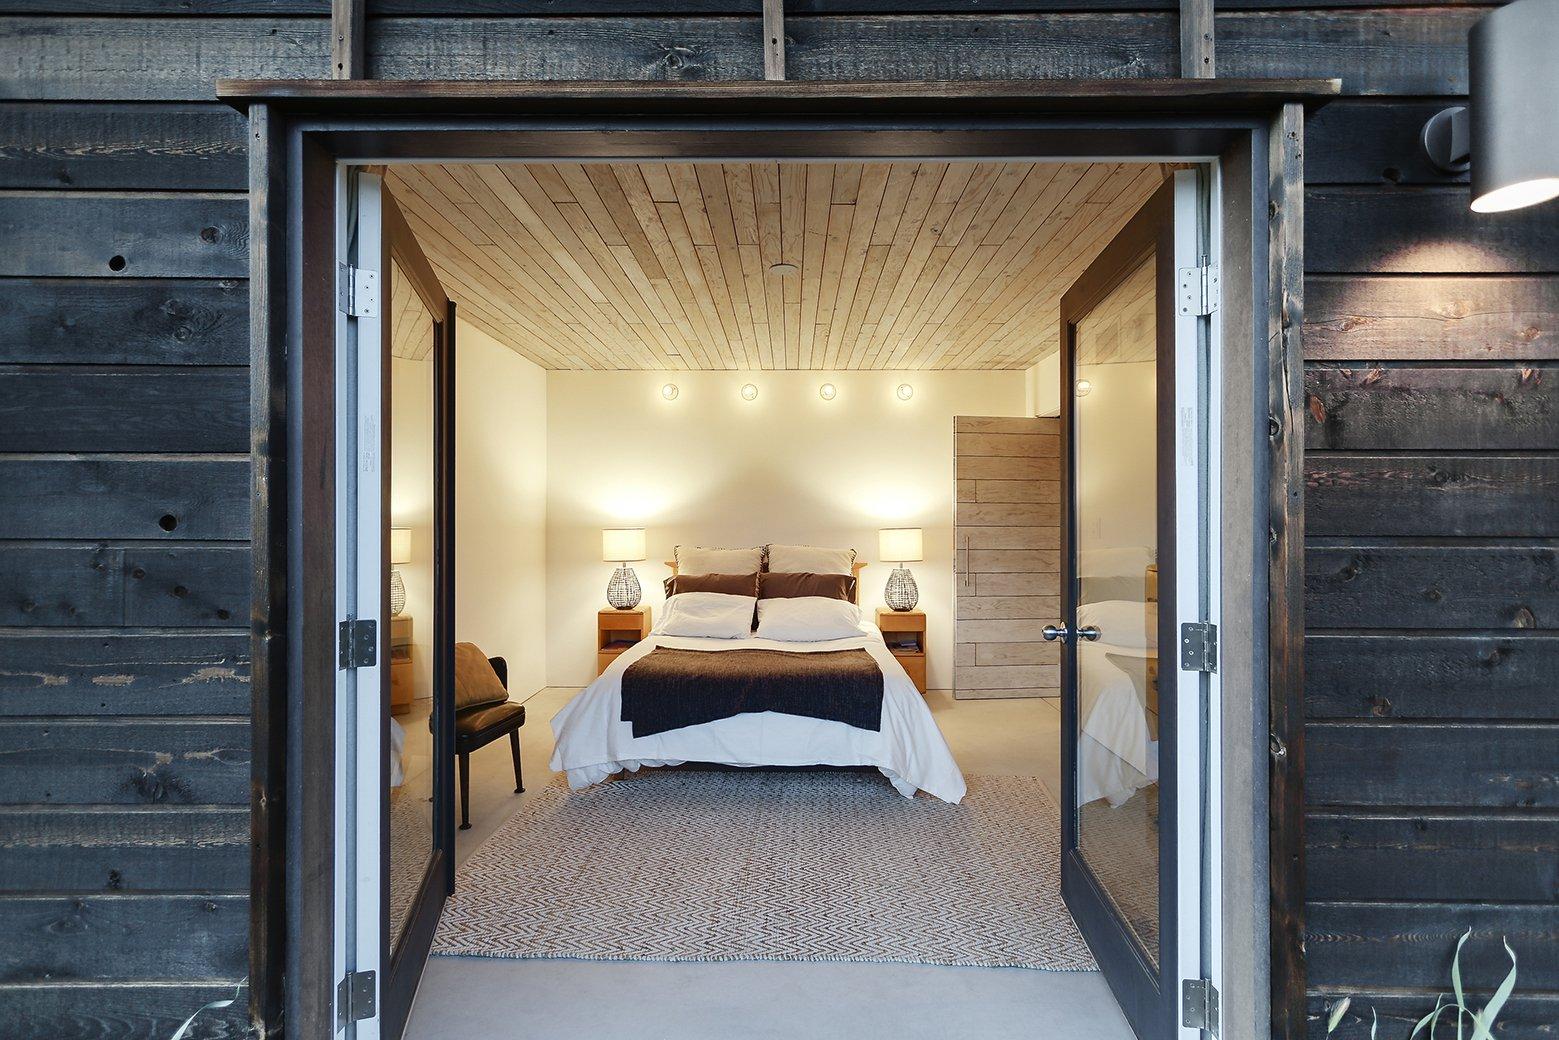 510 Cabin / Hunter Leggitt Studio (12)